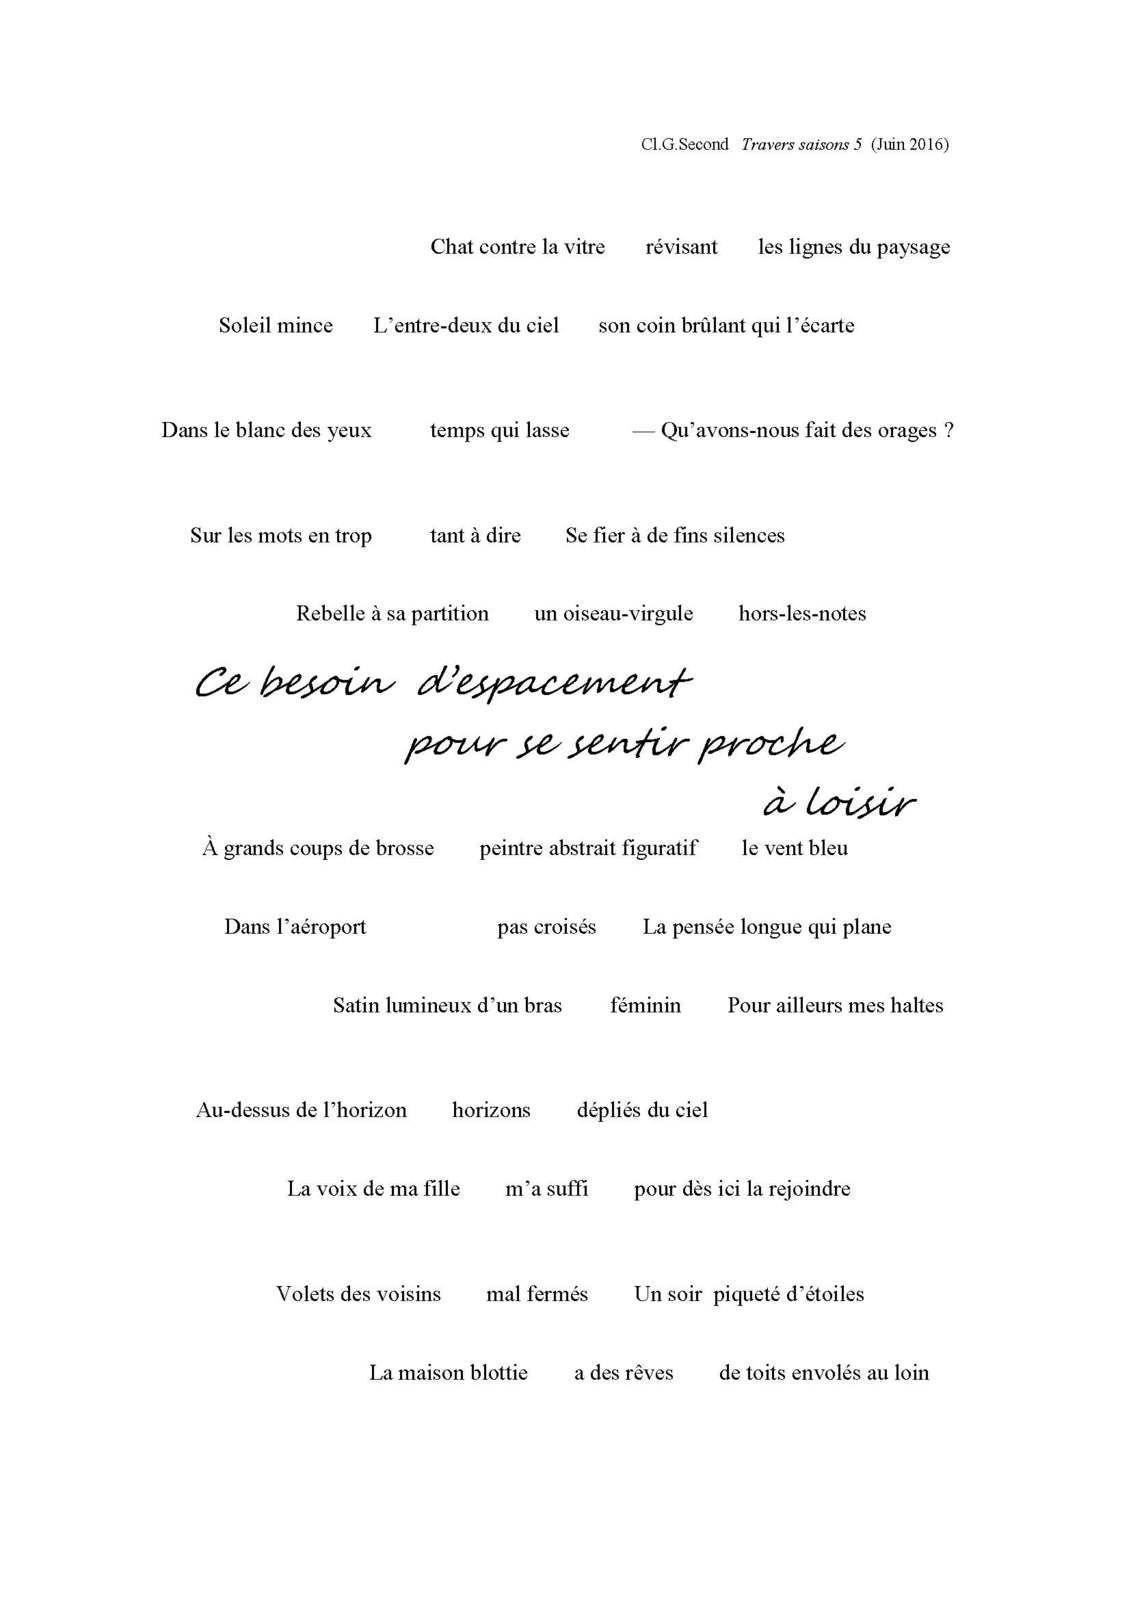 LE CAPITAL DES MOTS - CLÉMENT G.SECOND